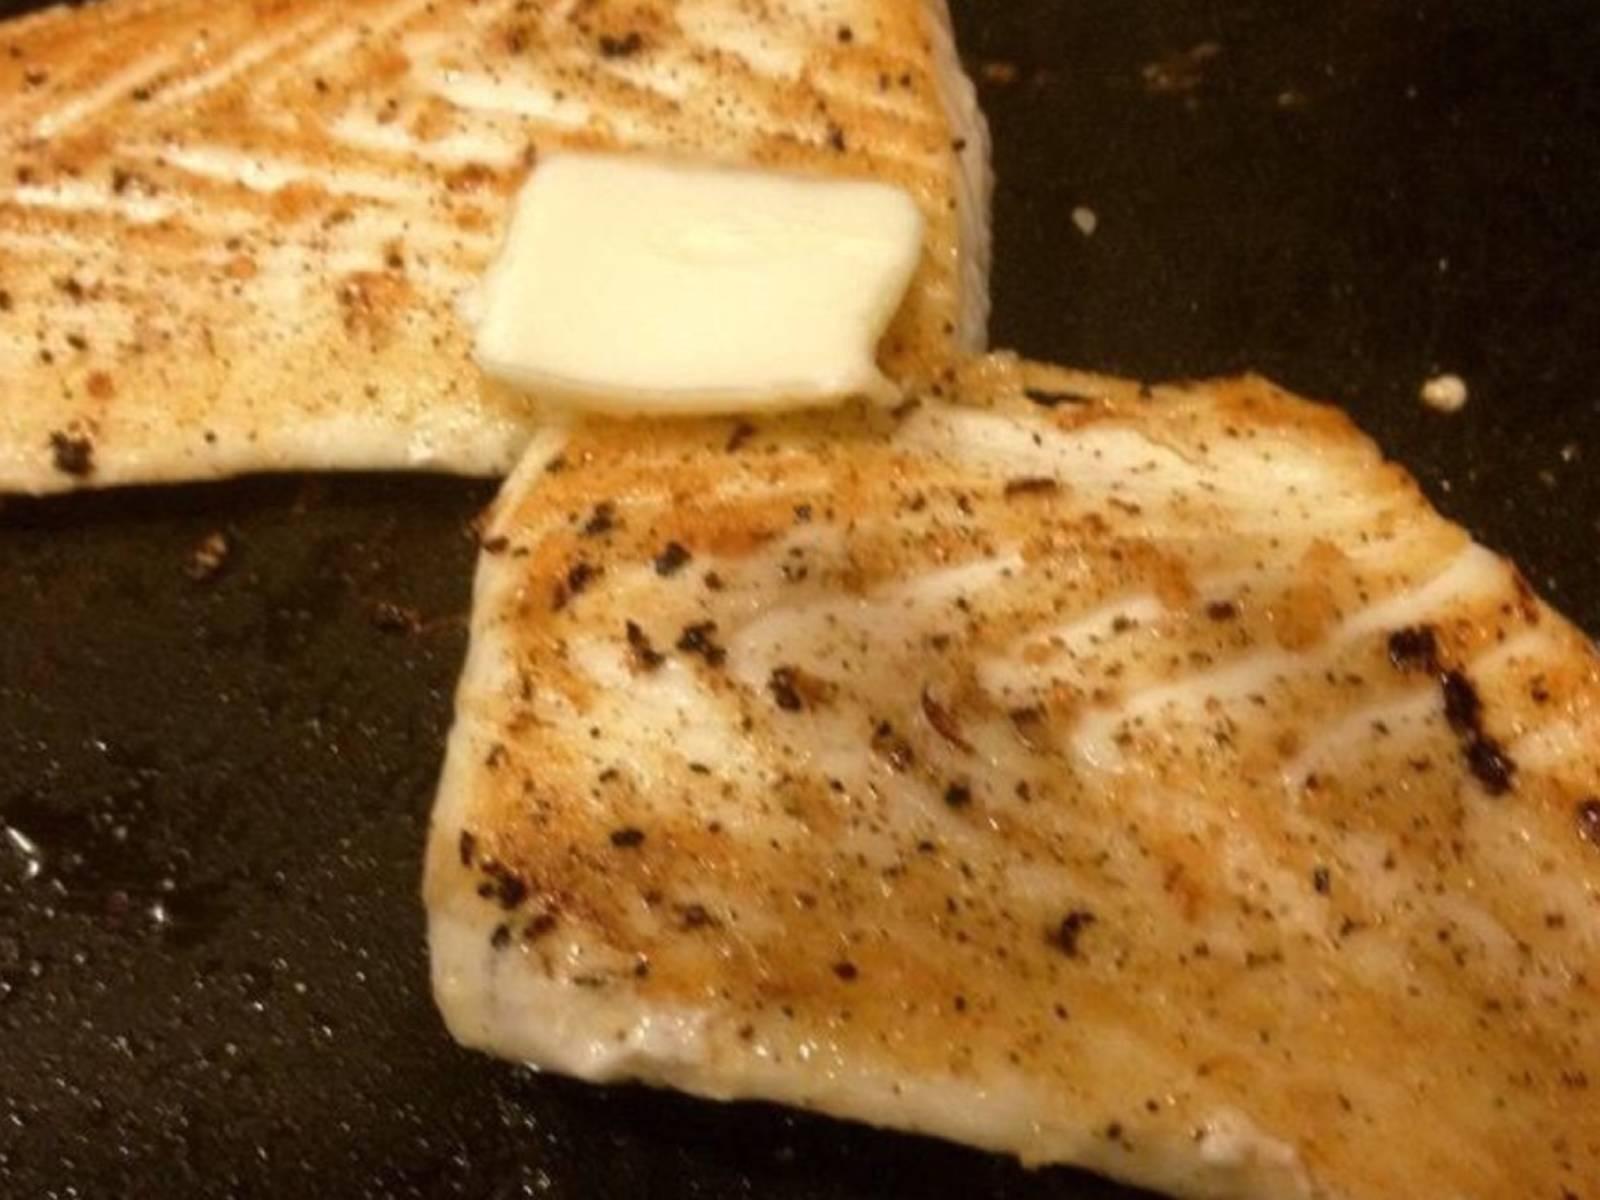 在鱼的两面撒些盐和现磨胡椒,放到培根油中煎。第一面煎4-5分钟,然后翻面。在鱼上放黄油,煎另一面3-4分钟。